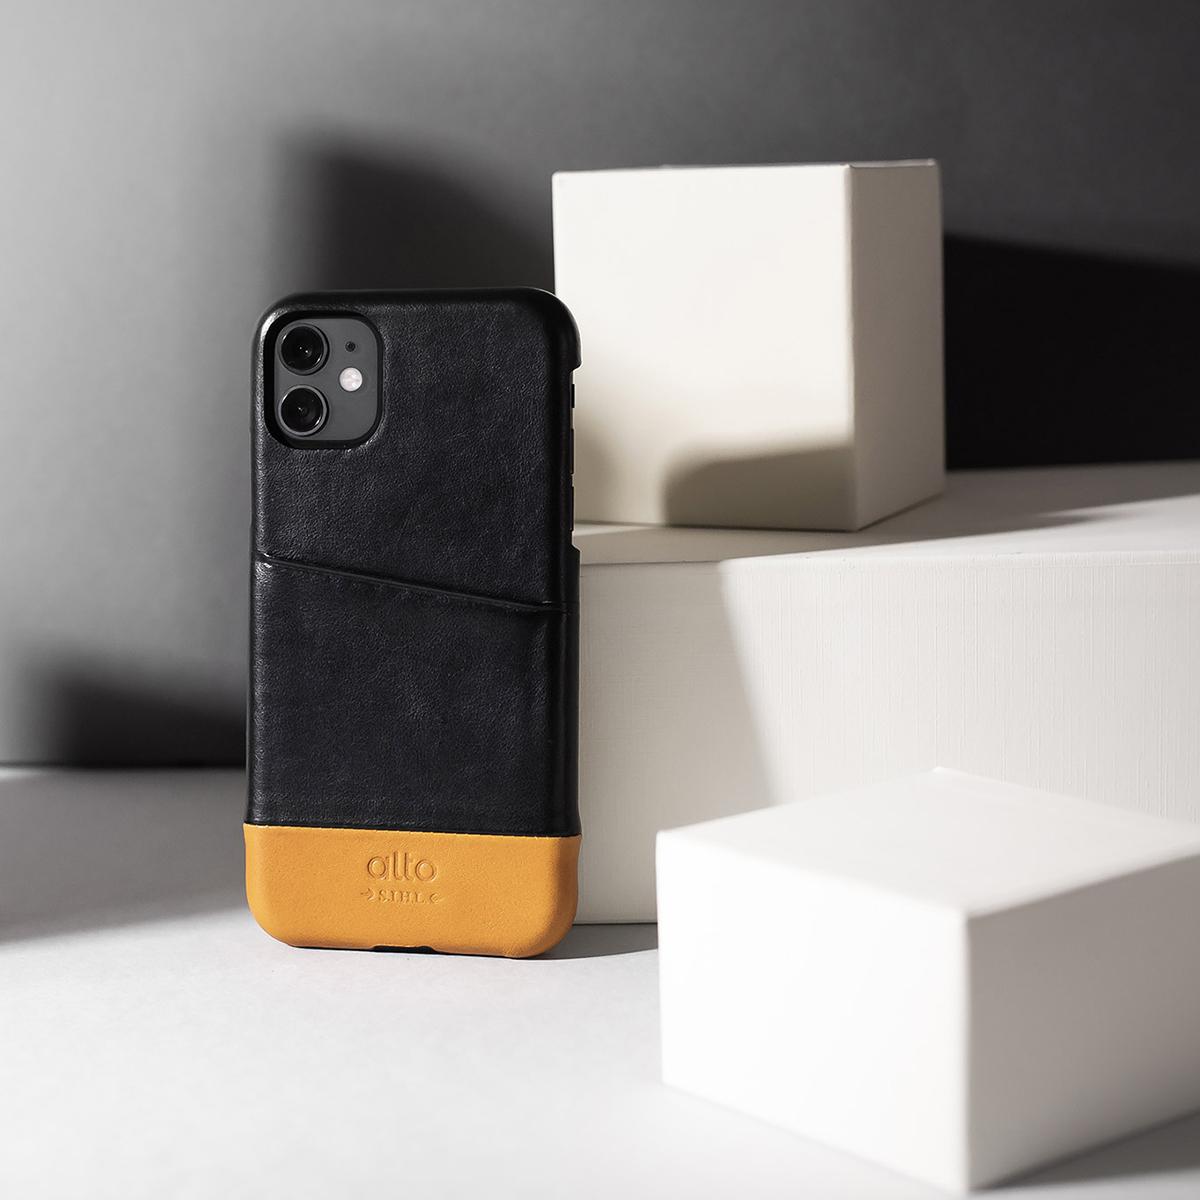 熟練職人による念(ネン)引き加工を丁寧に施されたカードボルダー付きのiPhoneケース|Alto